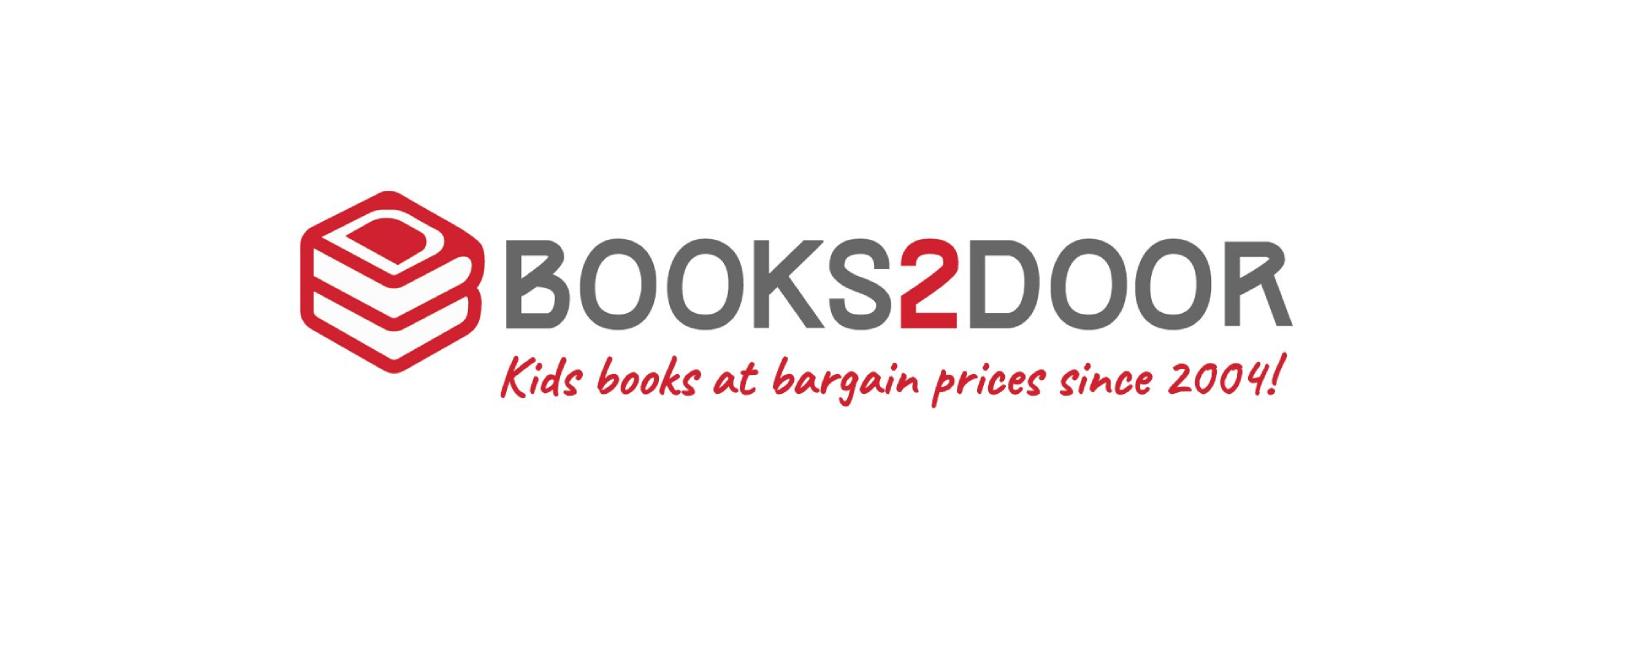 books2door UK Discount Code 2021